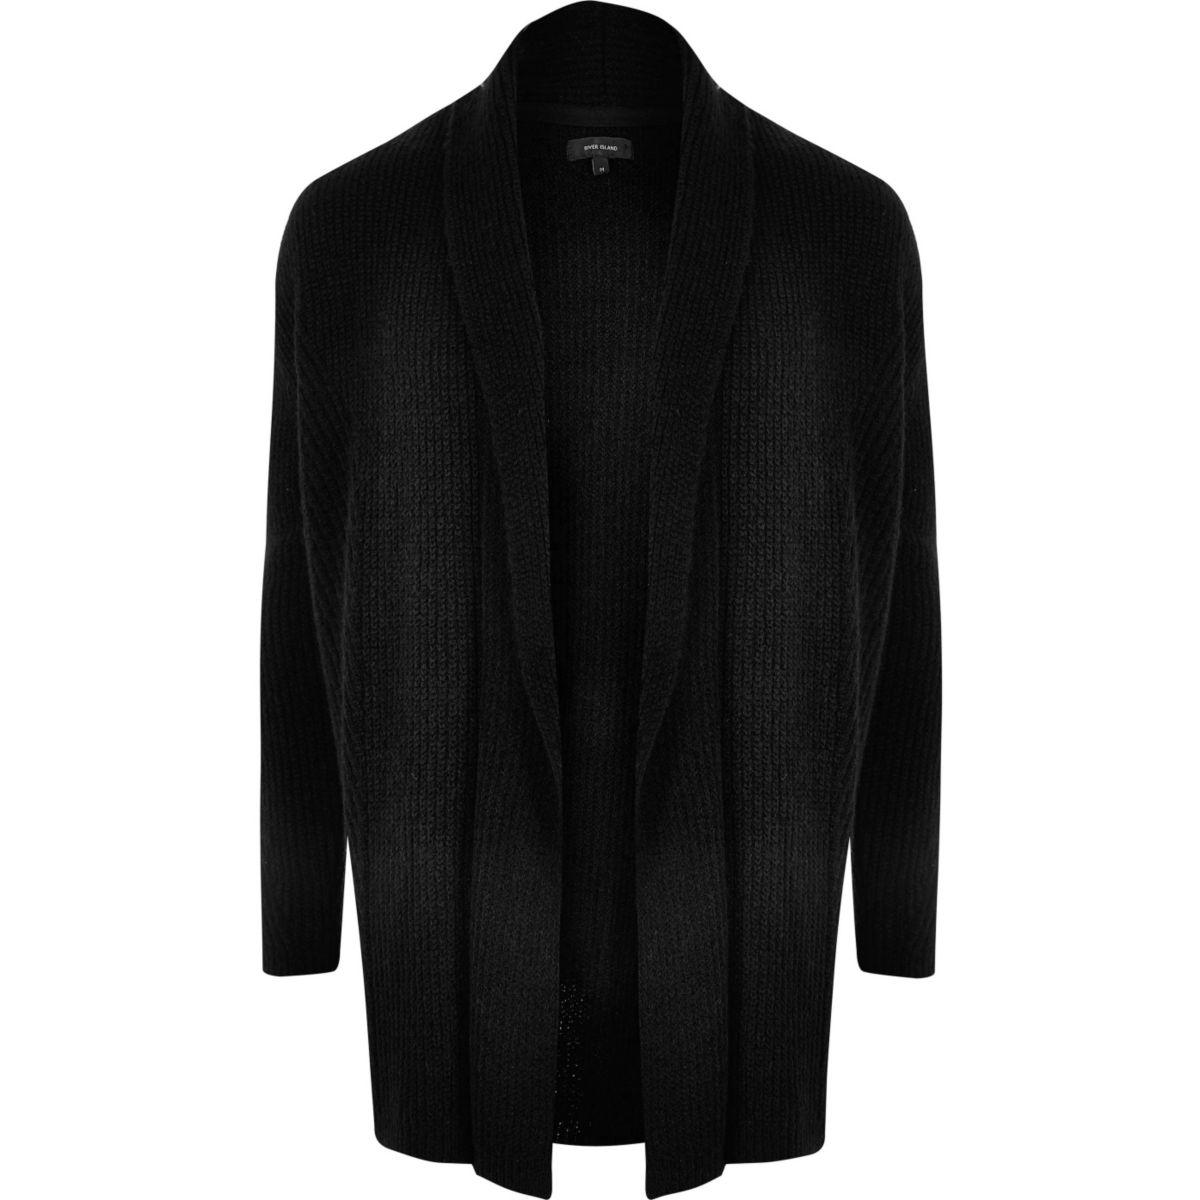 Cardigan en laine mélangée noir côtelé